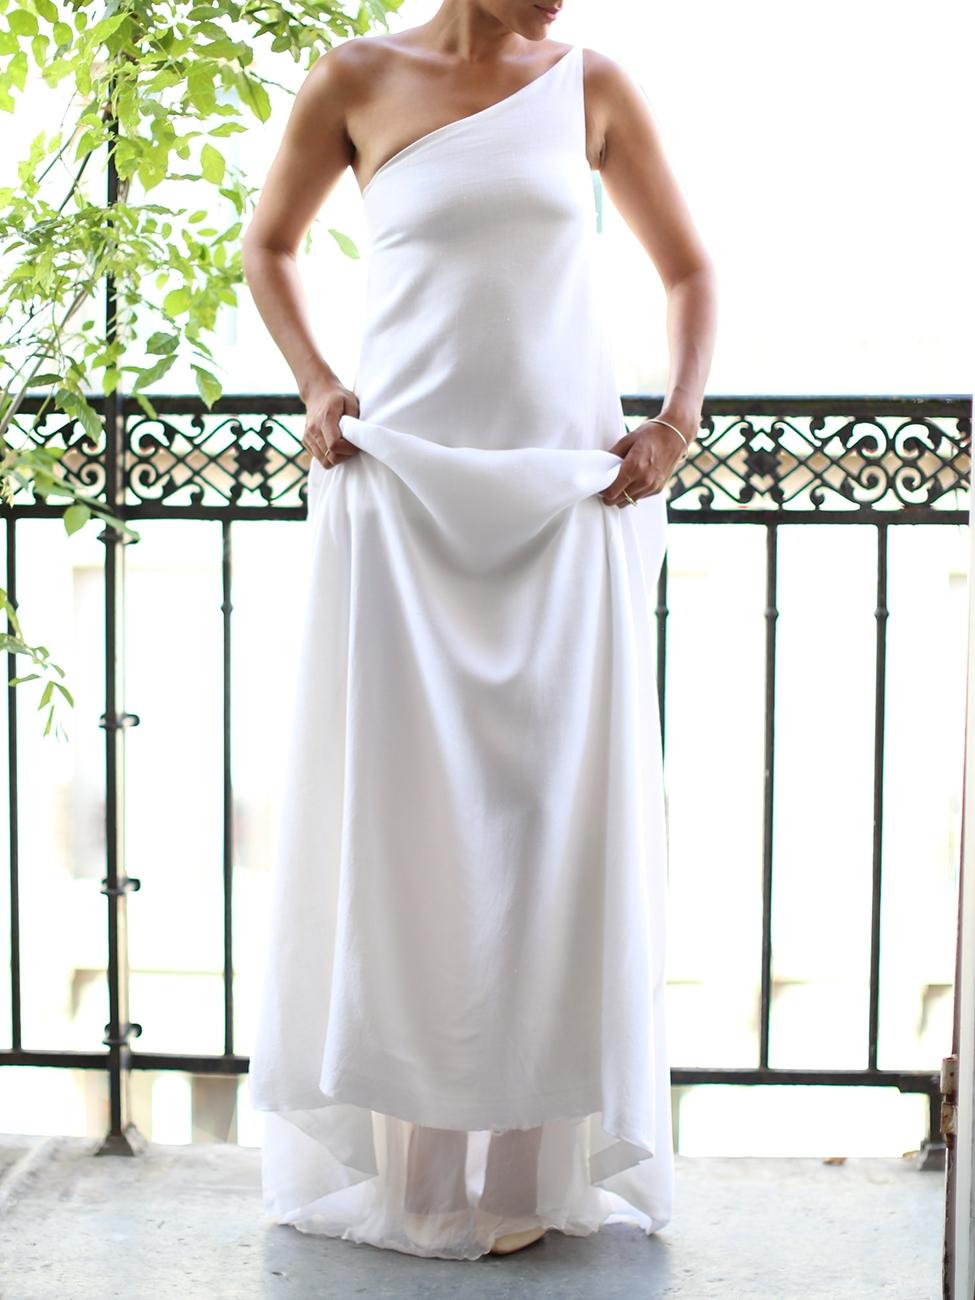 louise paris robe de mari e longue asym trique en lin blanc et mousseline de soie taille 34 36. Black Bedroom Furniture Sets. Home Design Ideas